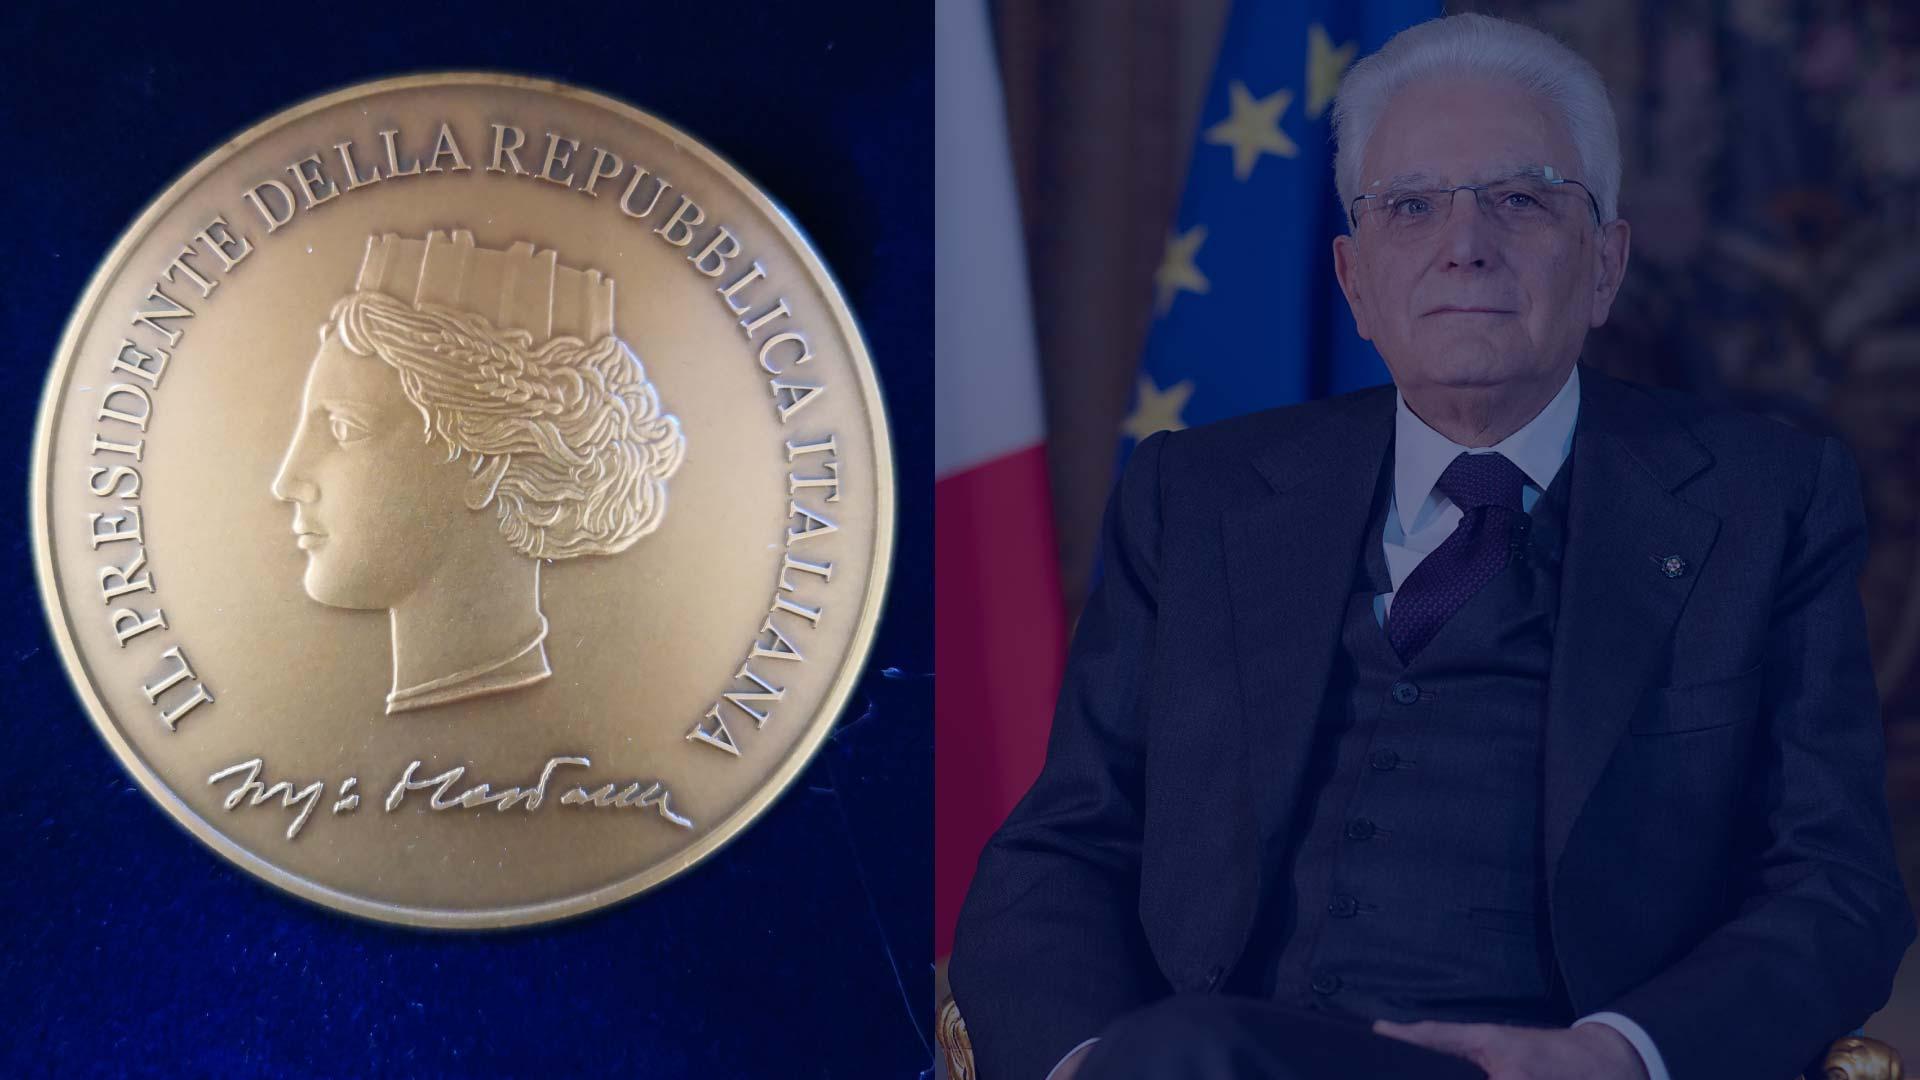 Cervia Città Giardino si guadagna la Medaglia del Presidente della Repubblica!